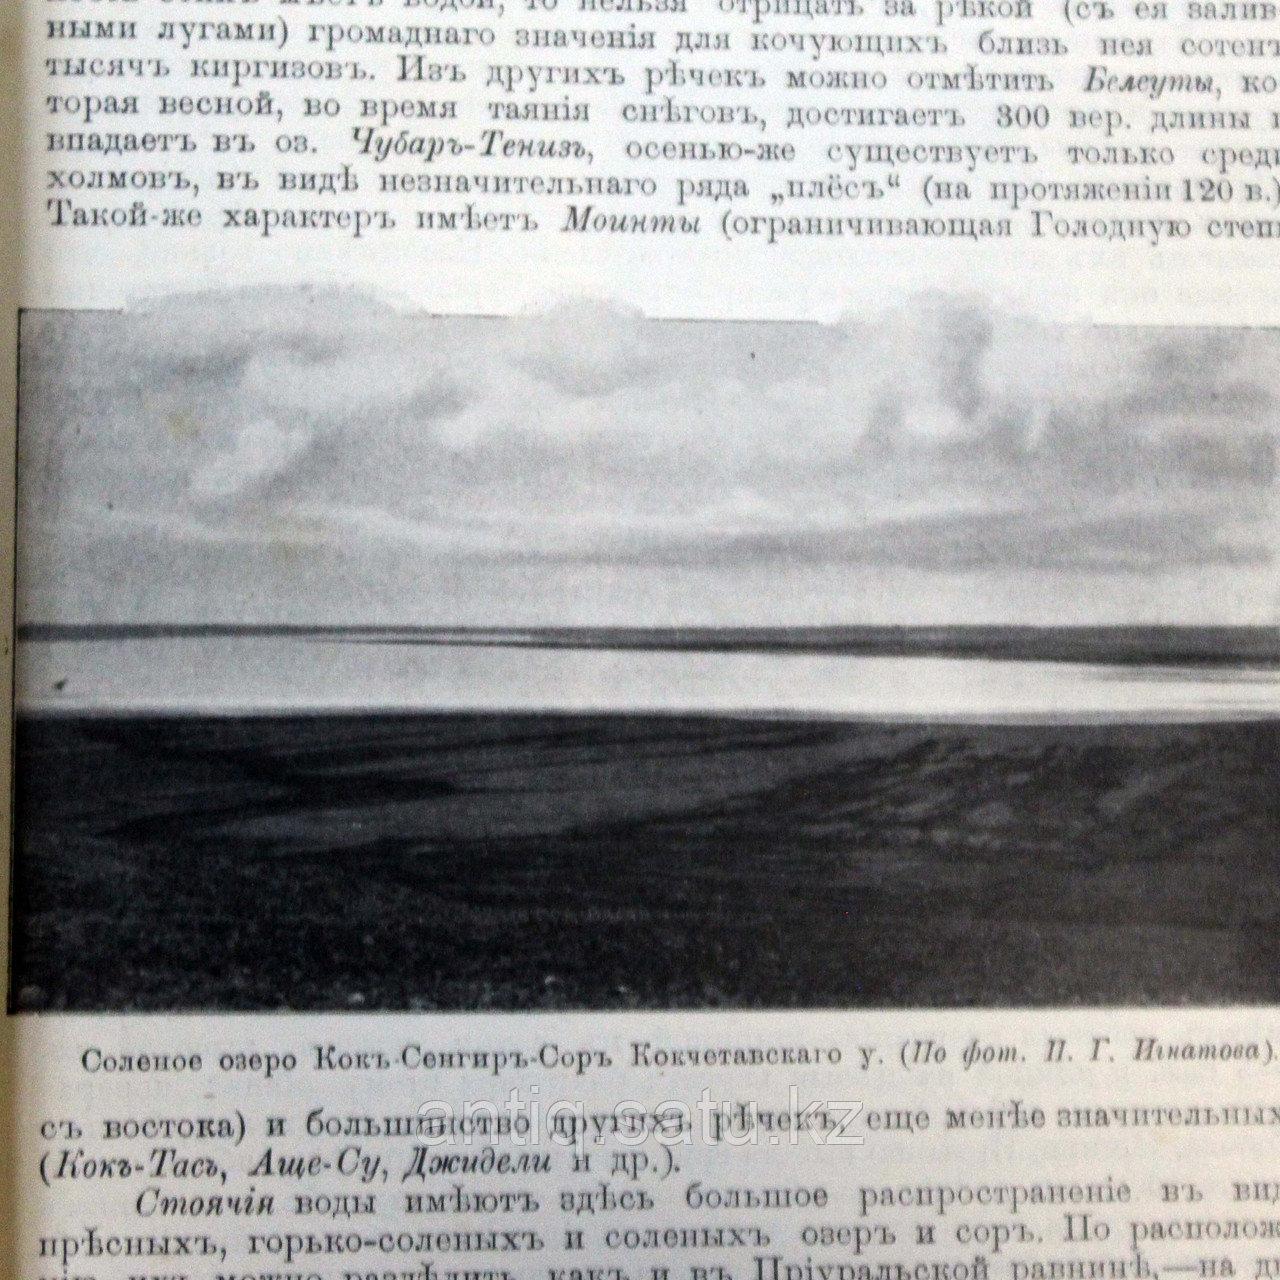 КИРГИЗСКИЙ КРАЙ - фото 3